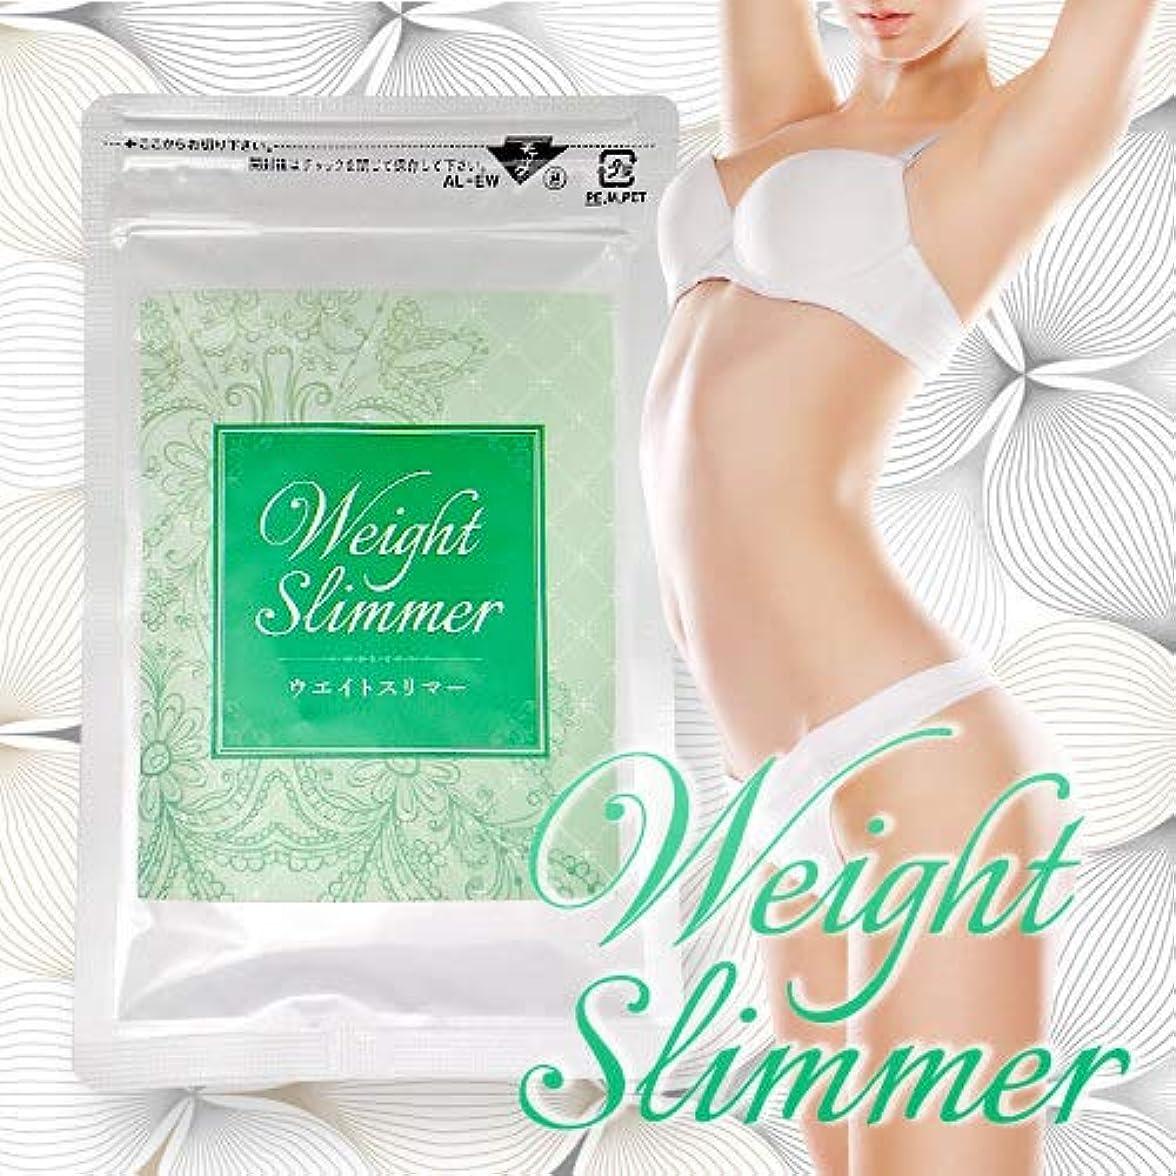 系統的ペア暫定ウェイトスリマー Weight Slimmer ダイエット ダイエットサプリメント